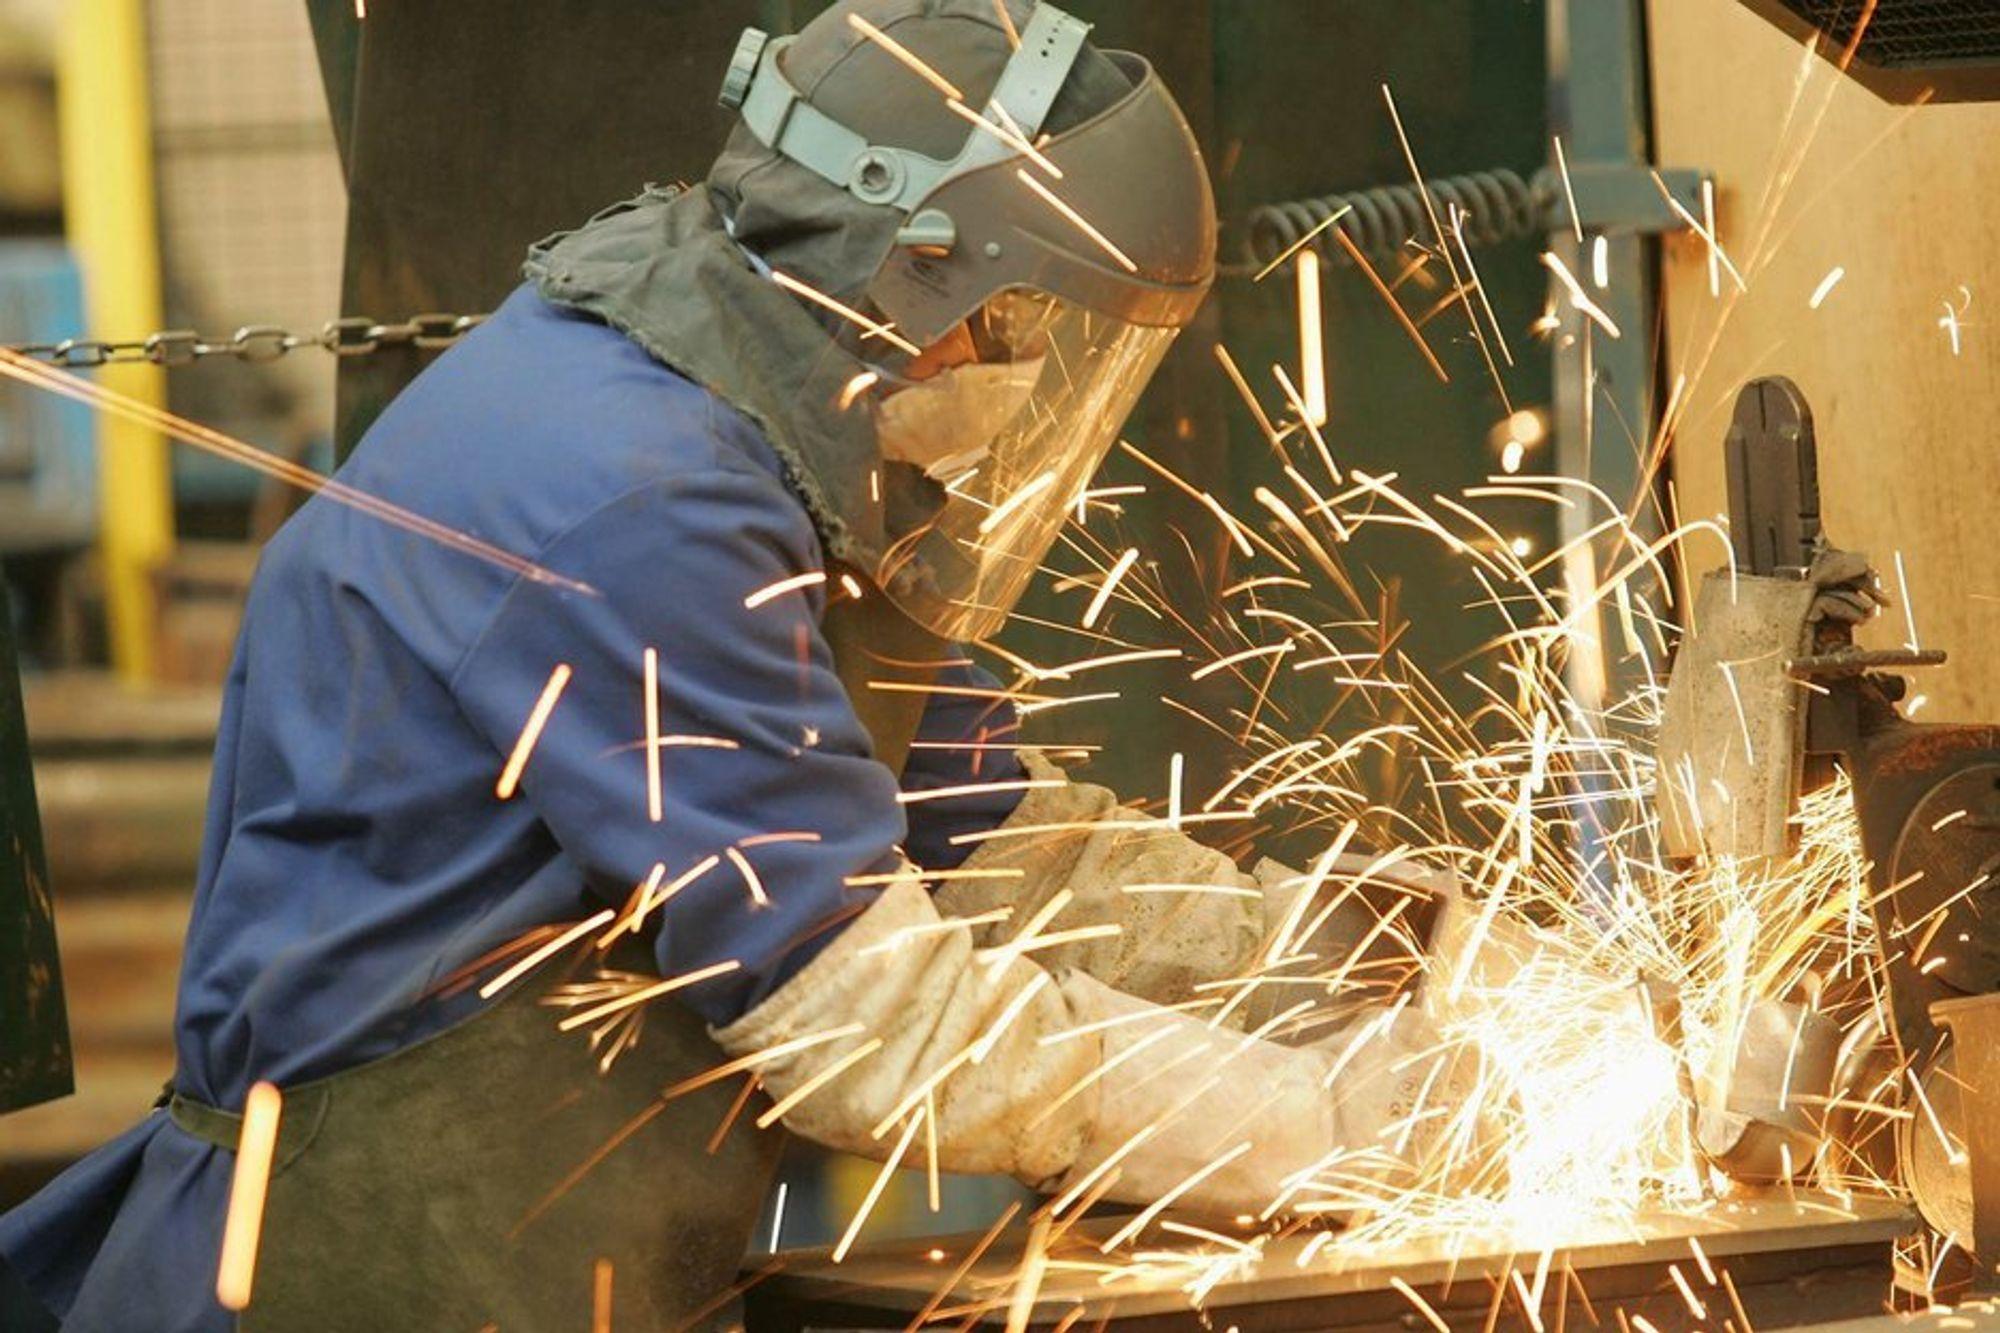 GODT RYKTE: Aker er verdens beste arbeidsplass, i hvert fall i forhold til sitt rykte.